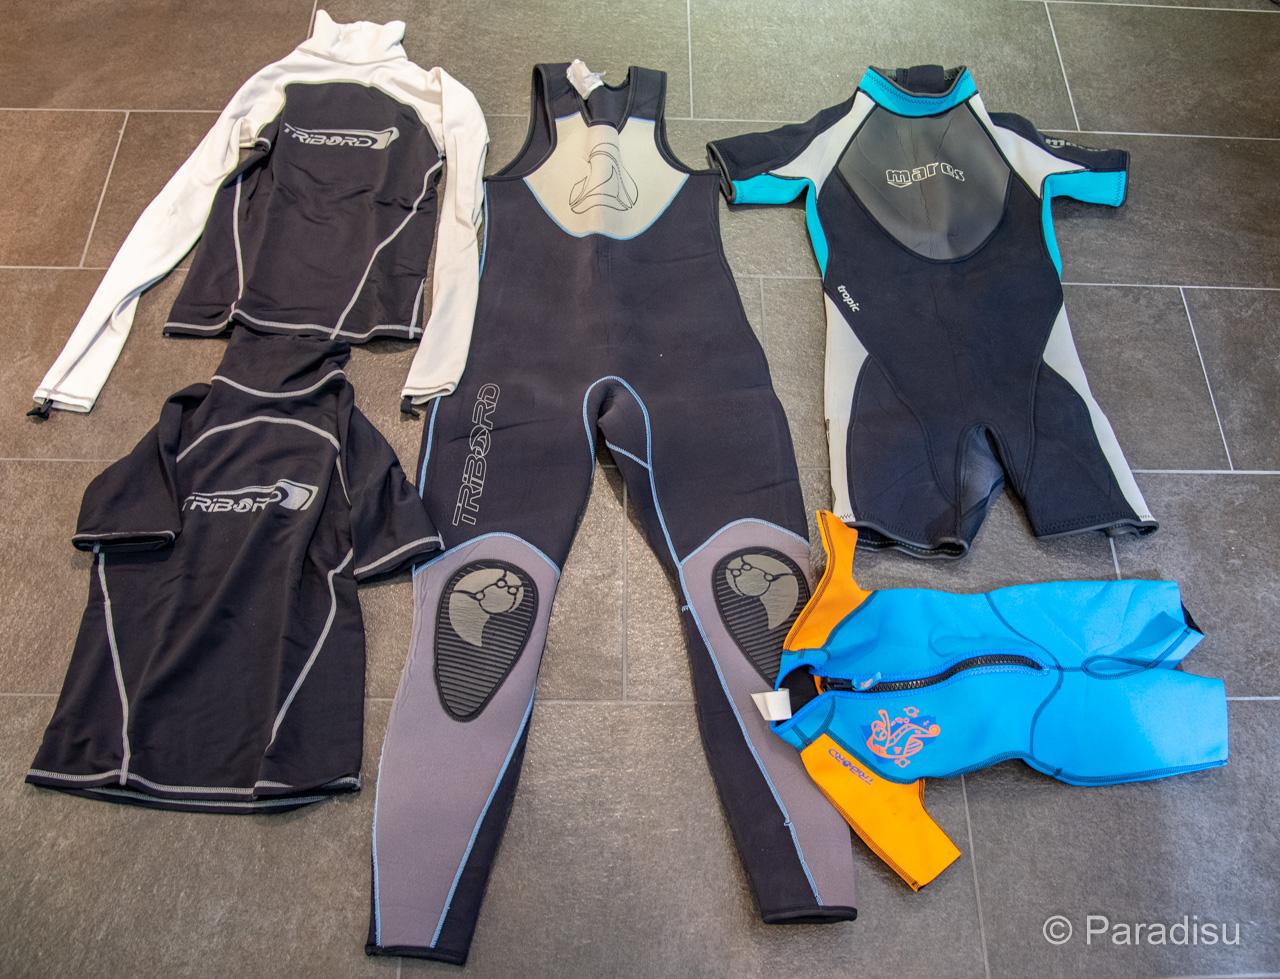 Ausrüstung Flusswandern Neoprenanzüge - Equipement randonnée aquatique